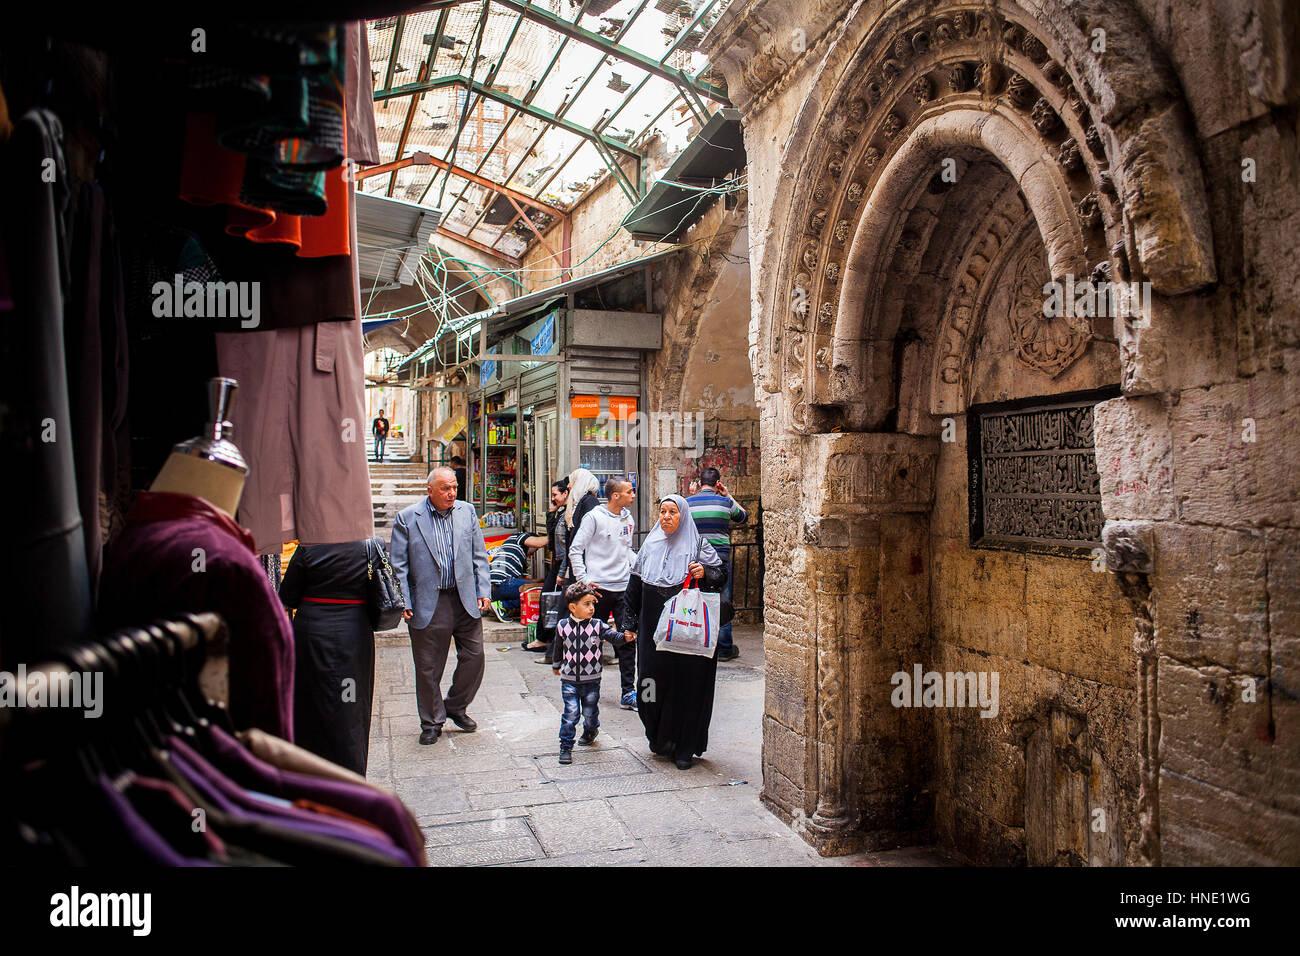 Uomo Donna e hiyab, Ala'e Din street, il Quartiere Musulmano,Città Vecchia di Gerusalemme, Israele. Immagini Stock